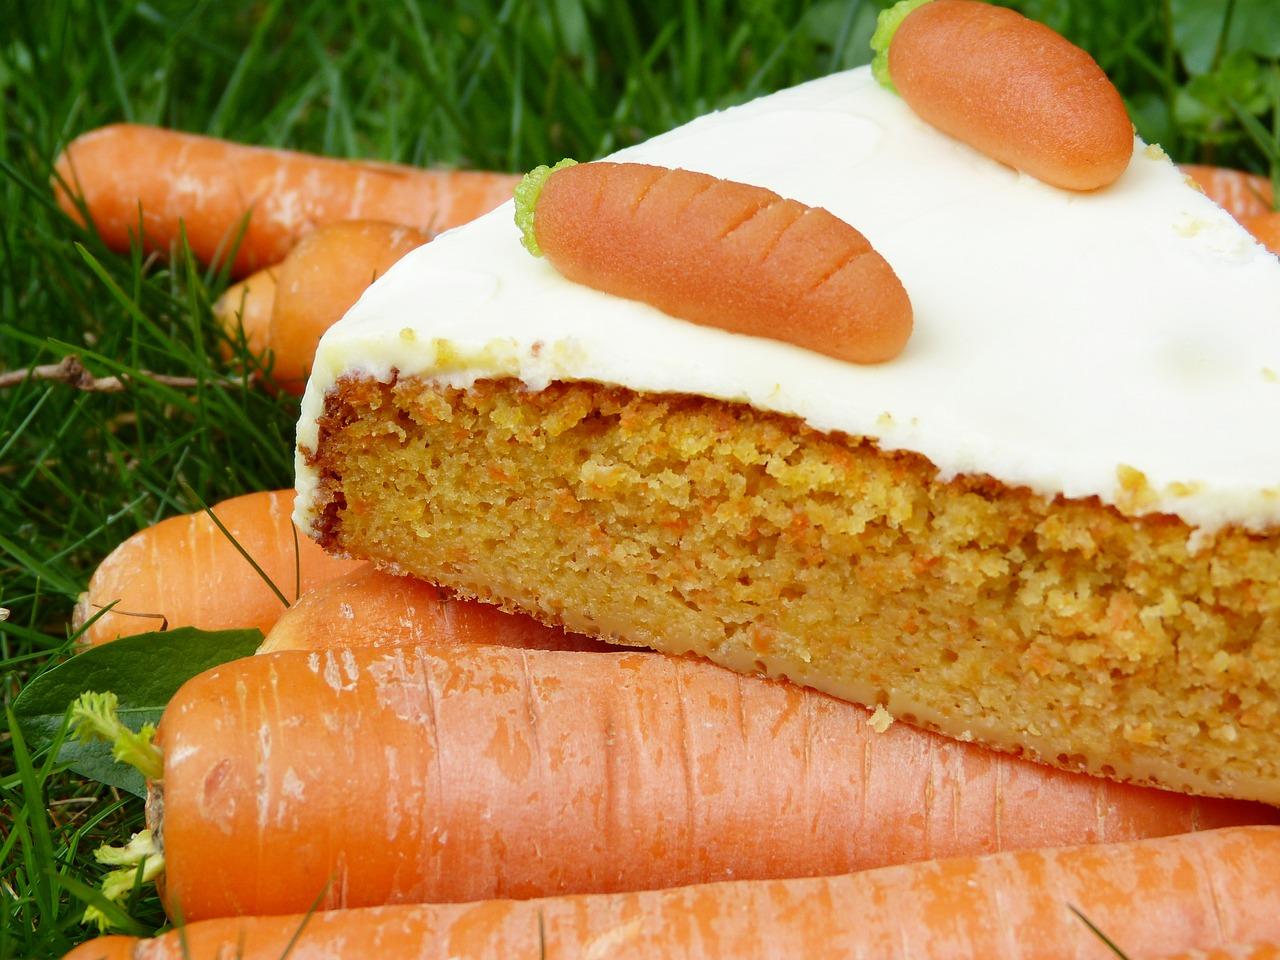 carrot-cake-2209039_1280.jpg